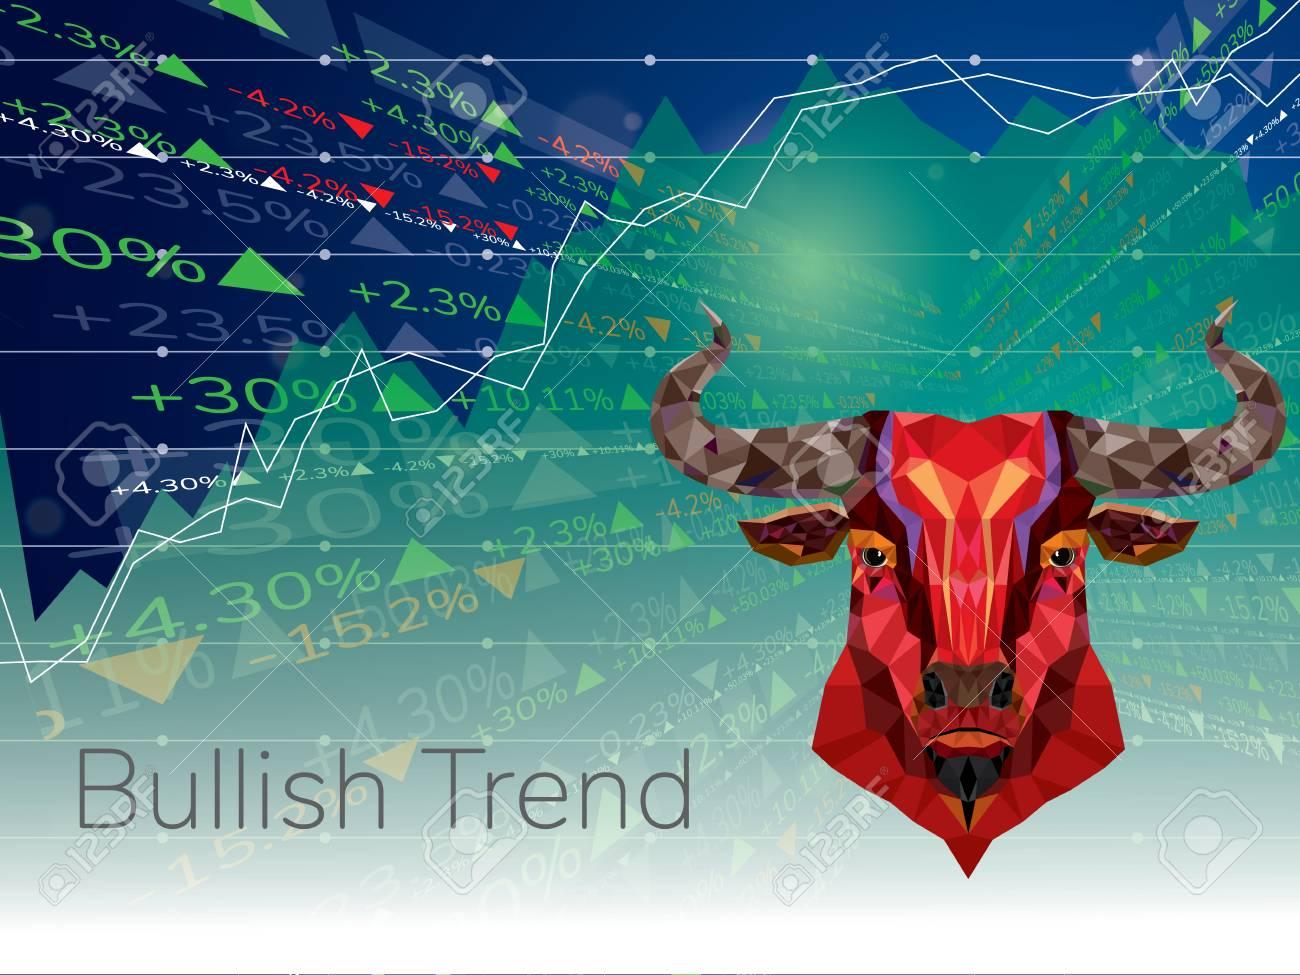 Bullish symbols on stock market - 112656950